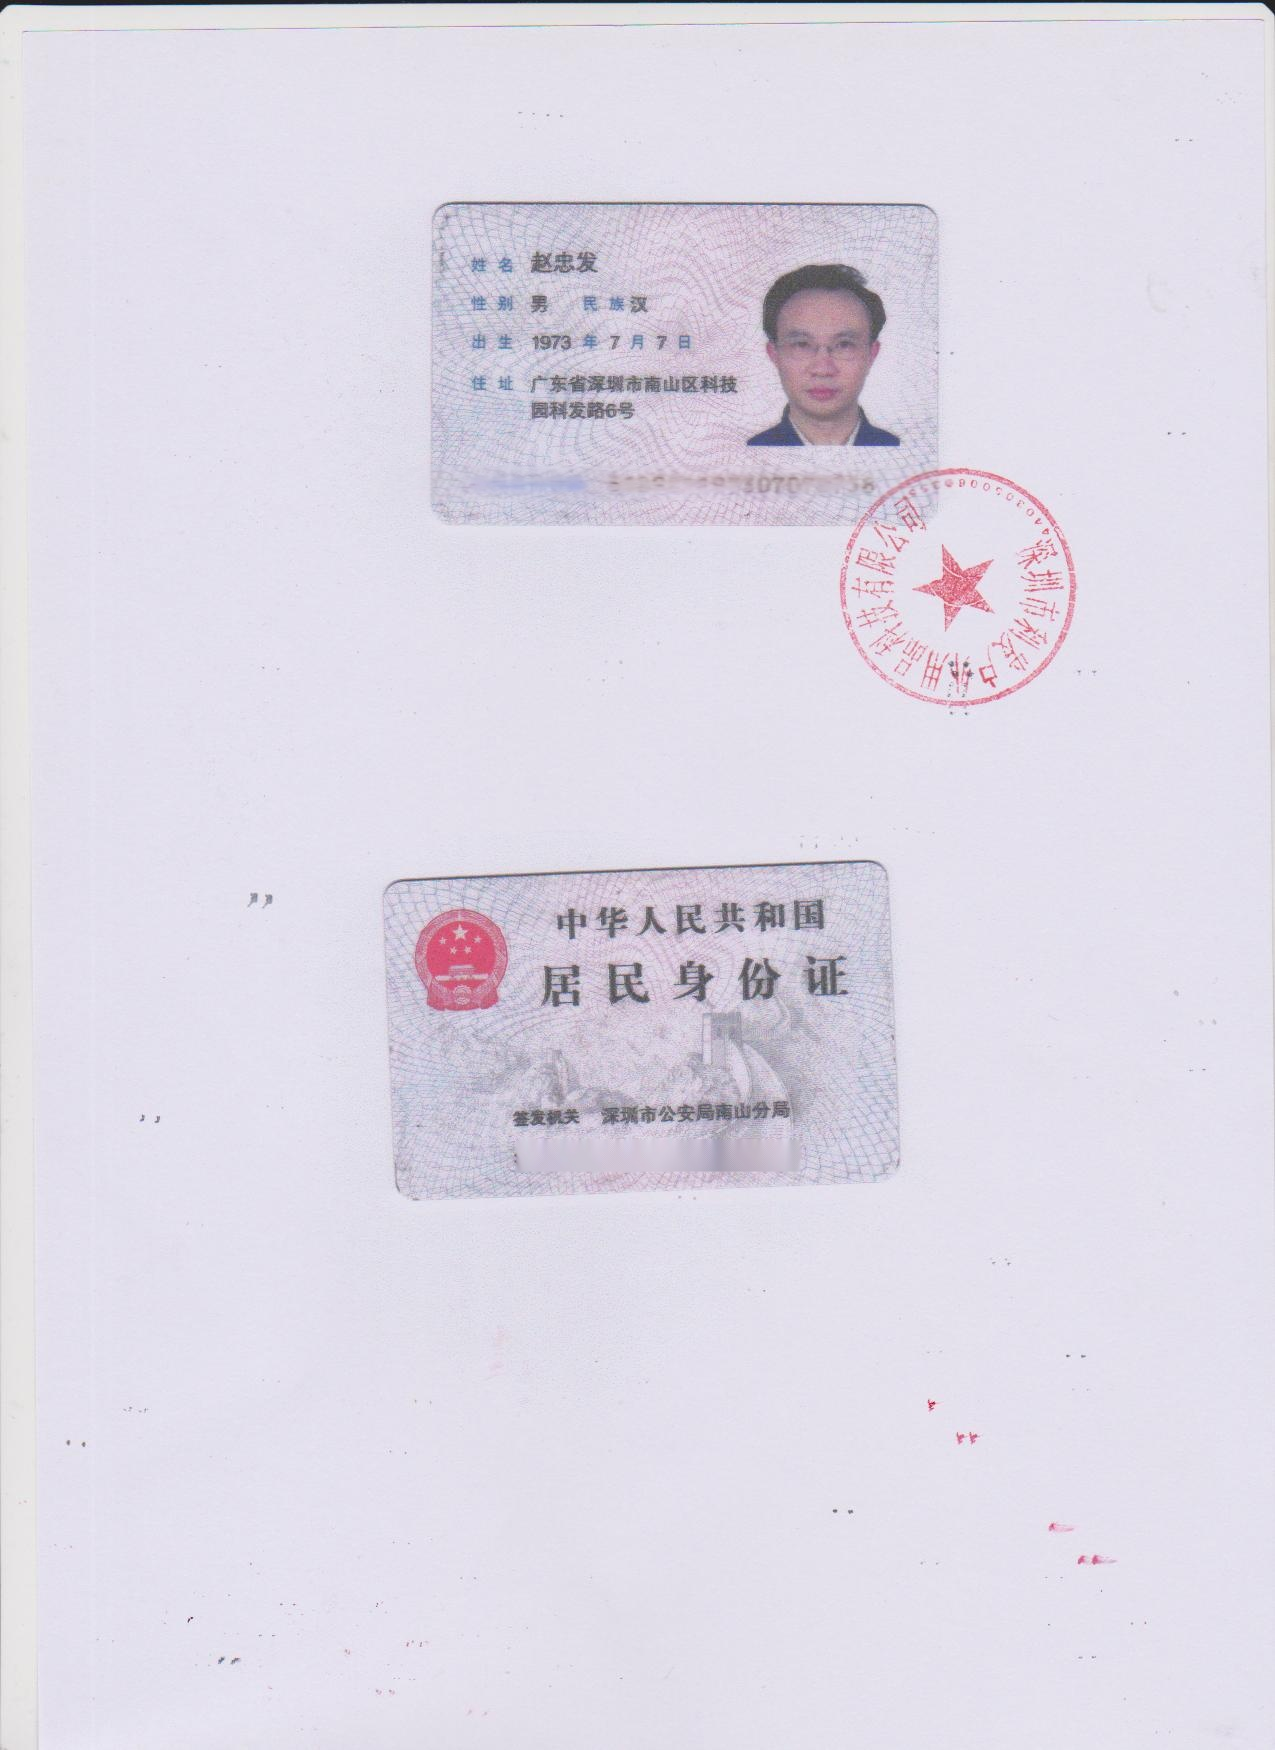 公司法人身份证 - 副本